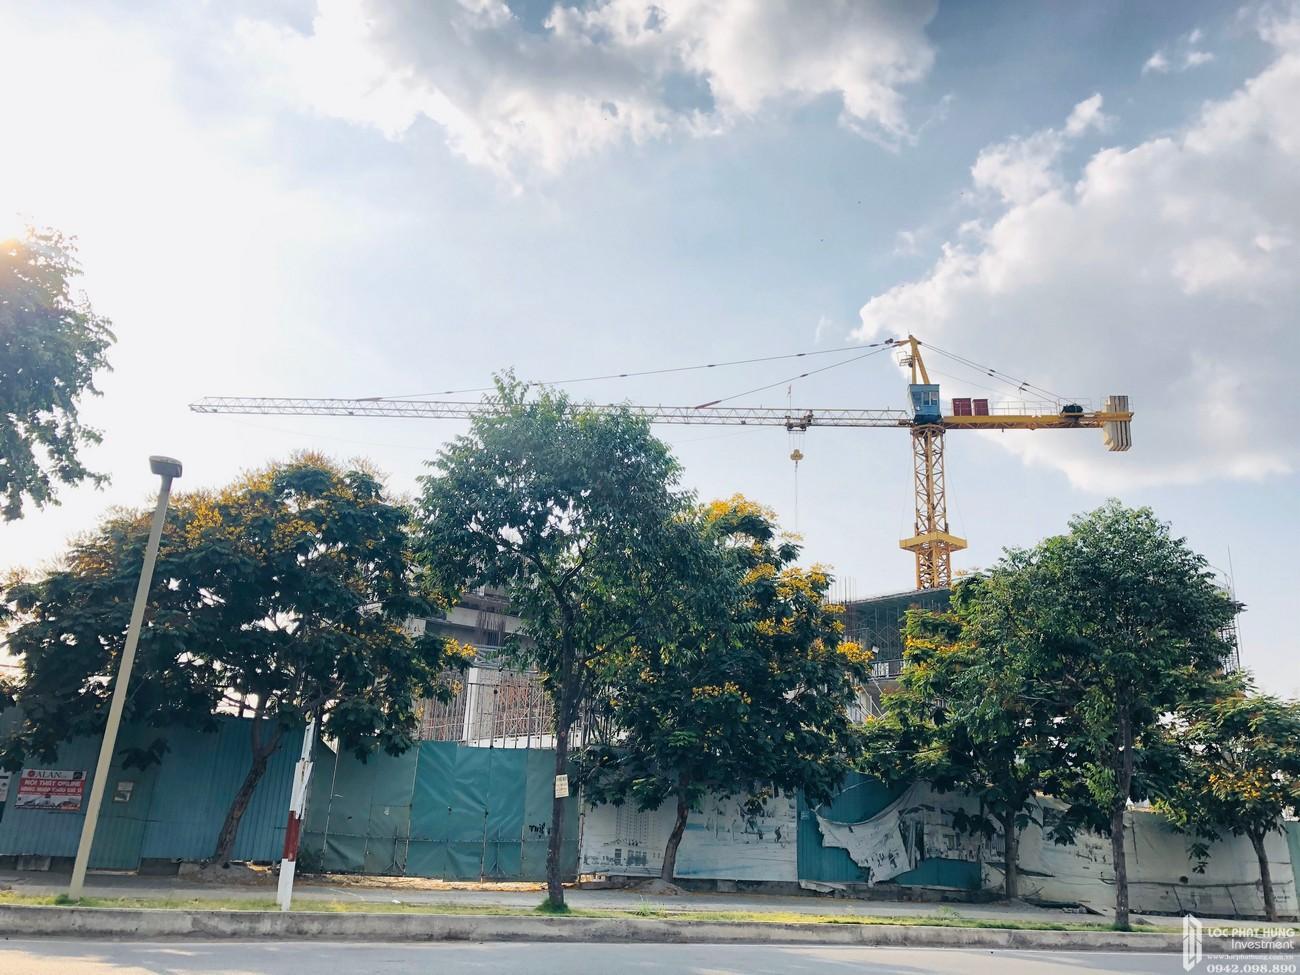 Tiến độ xây dựng căn hộ + Officetel dự án Viva Plaza 03/2020 – Nhận ký gửi mua bán + Cho thuê